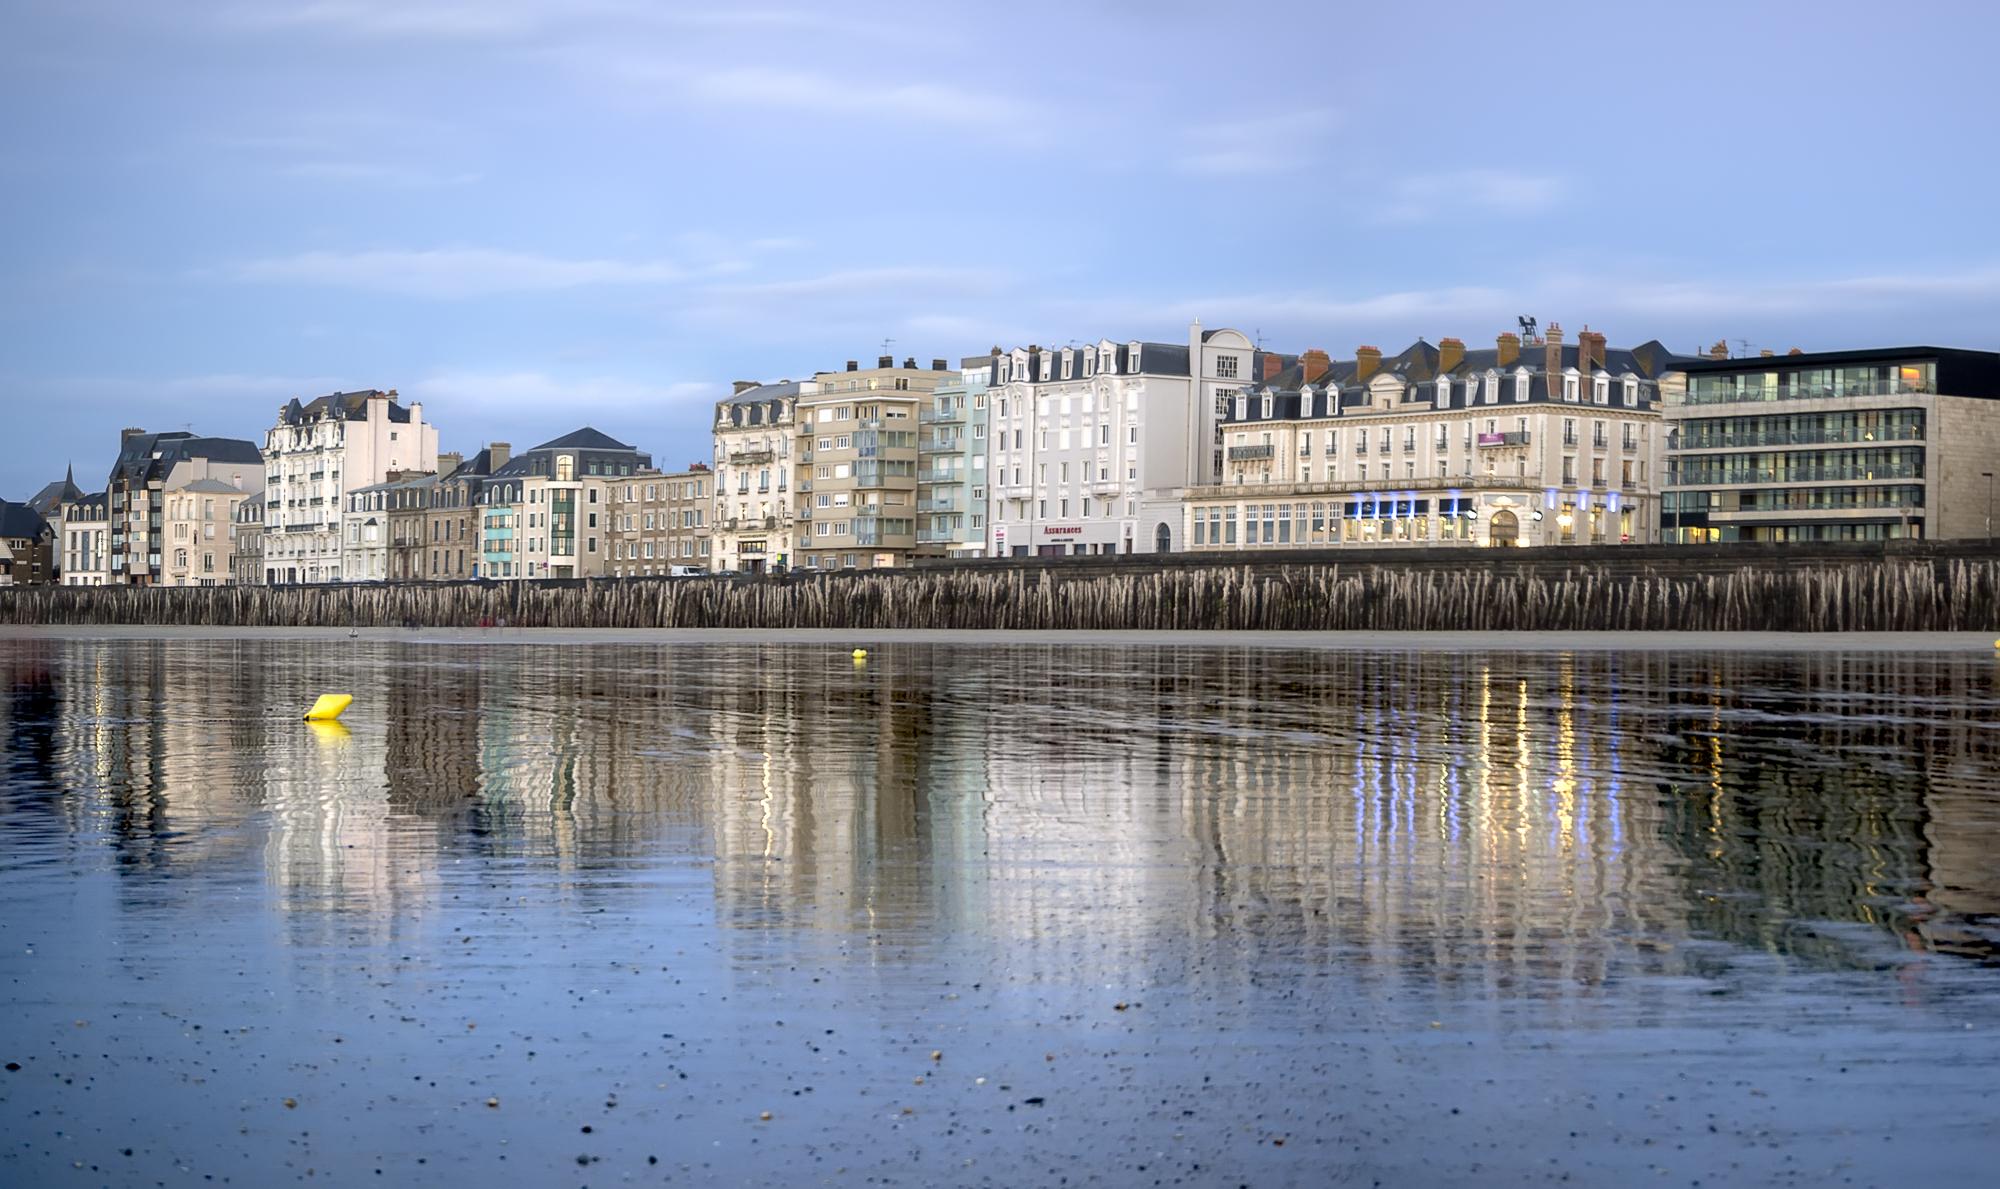 Fotografía de paisaje Saint Malo reflejo. Panoramica, Larga exposicion, Canon 6D, filtros Nisi,Lucroit, Trípode Rollei,Danilatorre,danilatorre, Dani Latorre, daniel Latorre